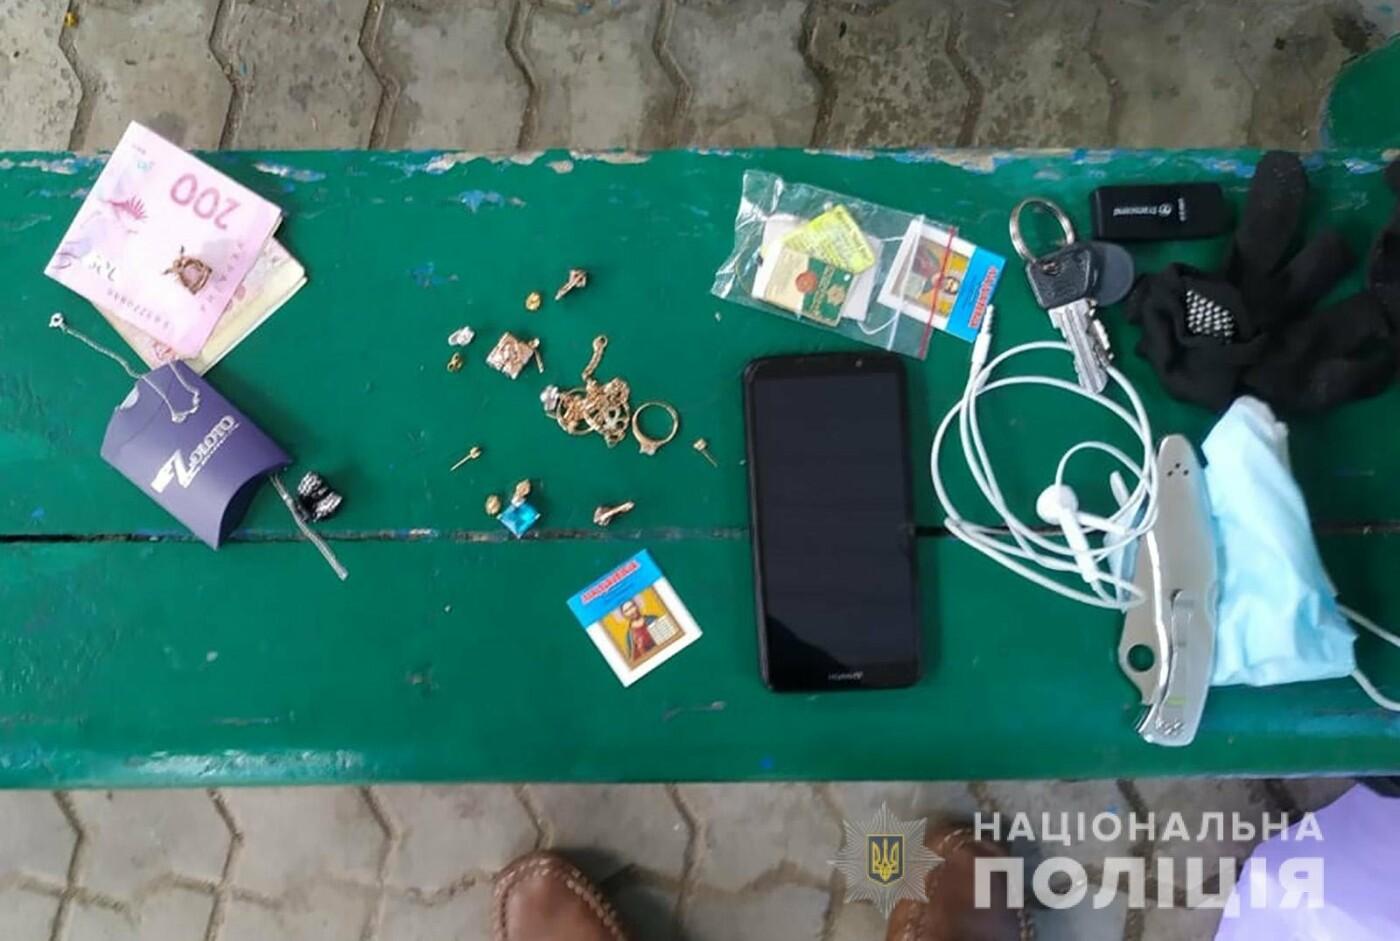 В Мелитополе задержали квартирных воров с похищенными вещами, - ФОТО, фото-3